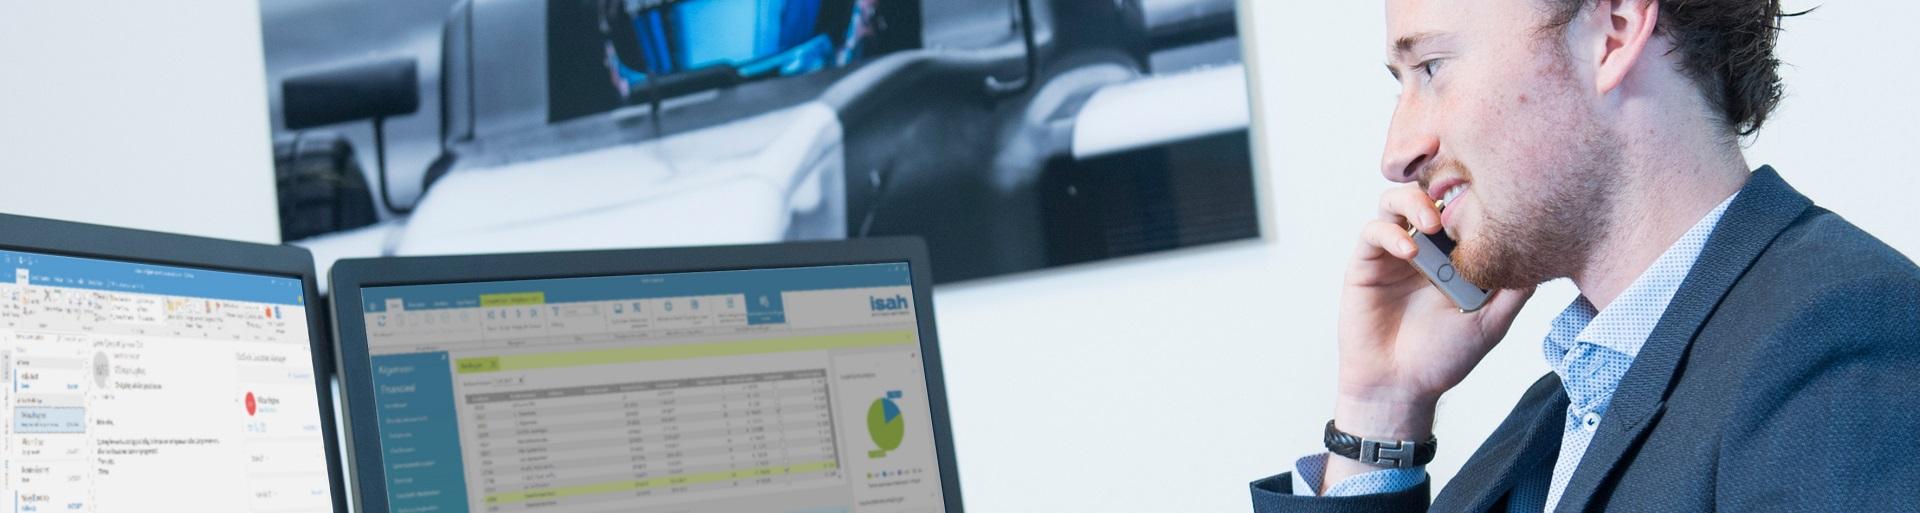 erp-software-maakbedrijven-in-control-isah-finance